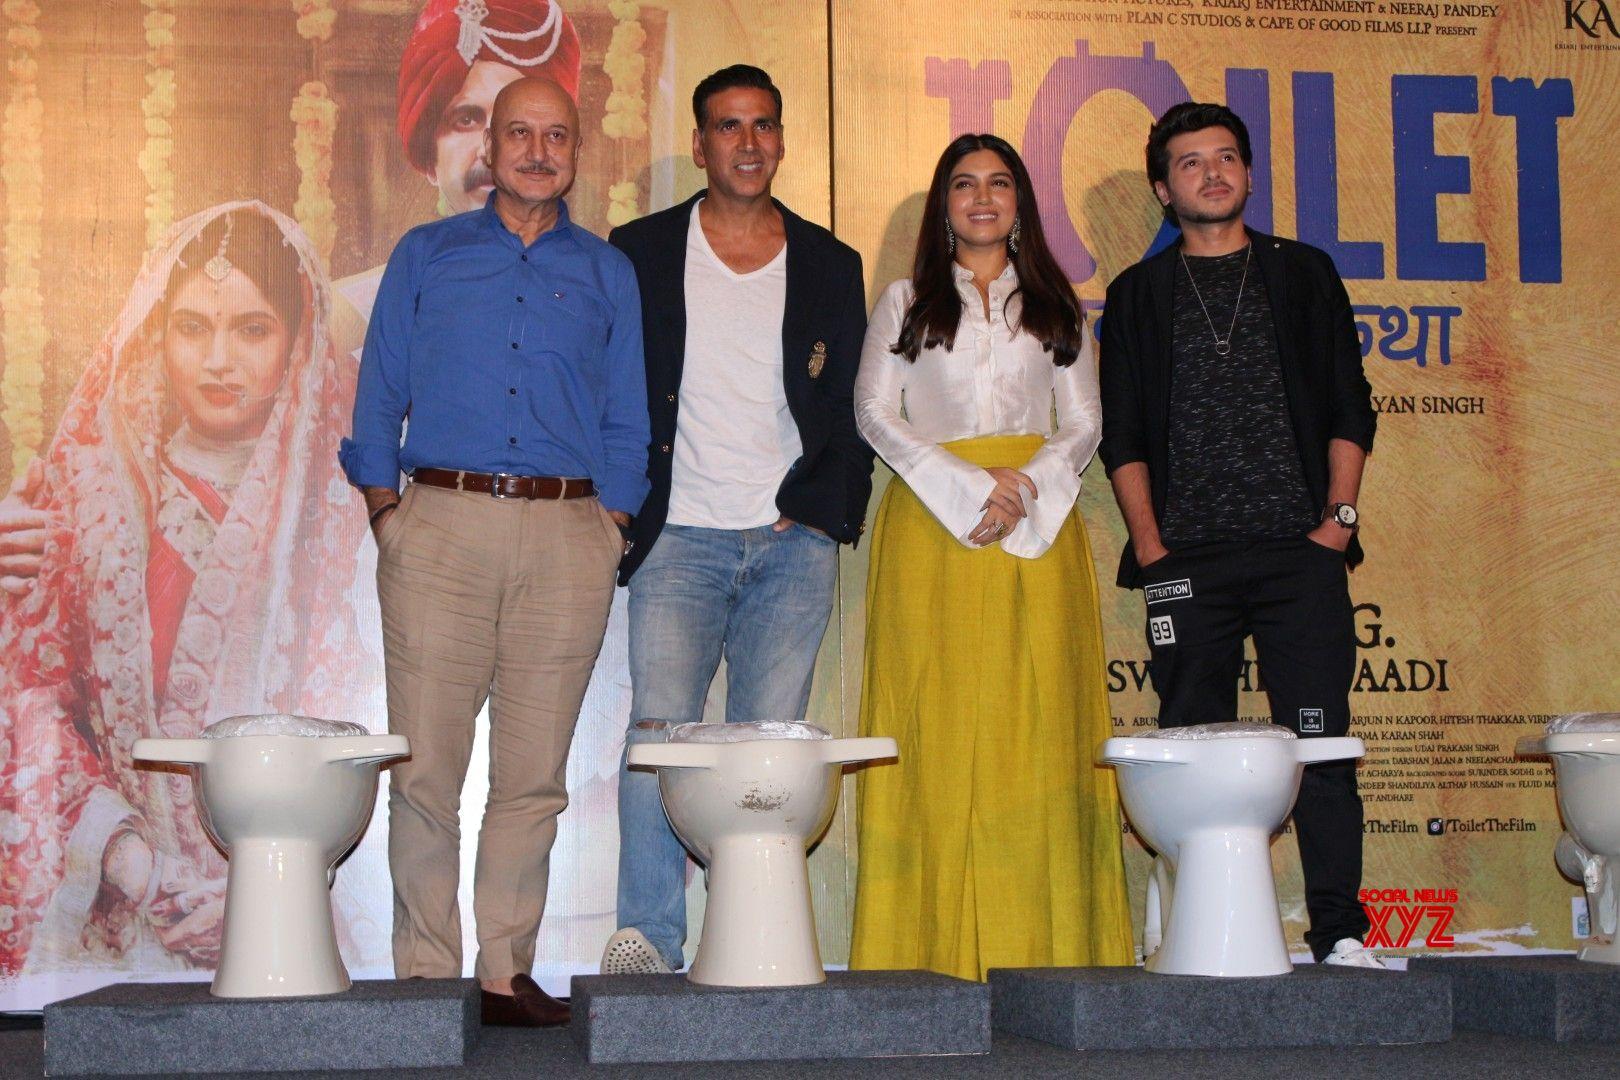 Toilet: Ek Prem Katha\' makers argue in copyright case - Social News XYZ